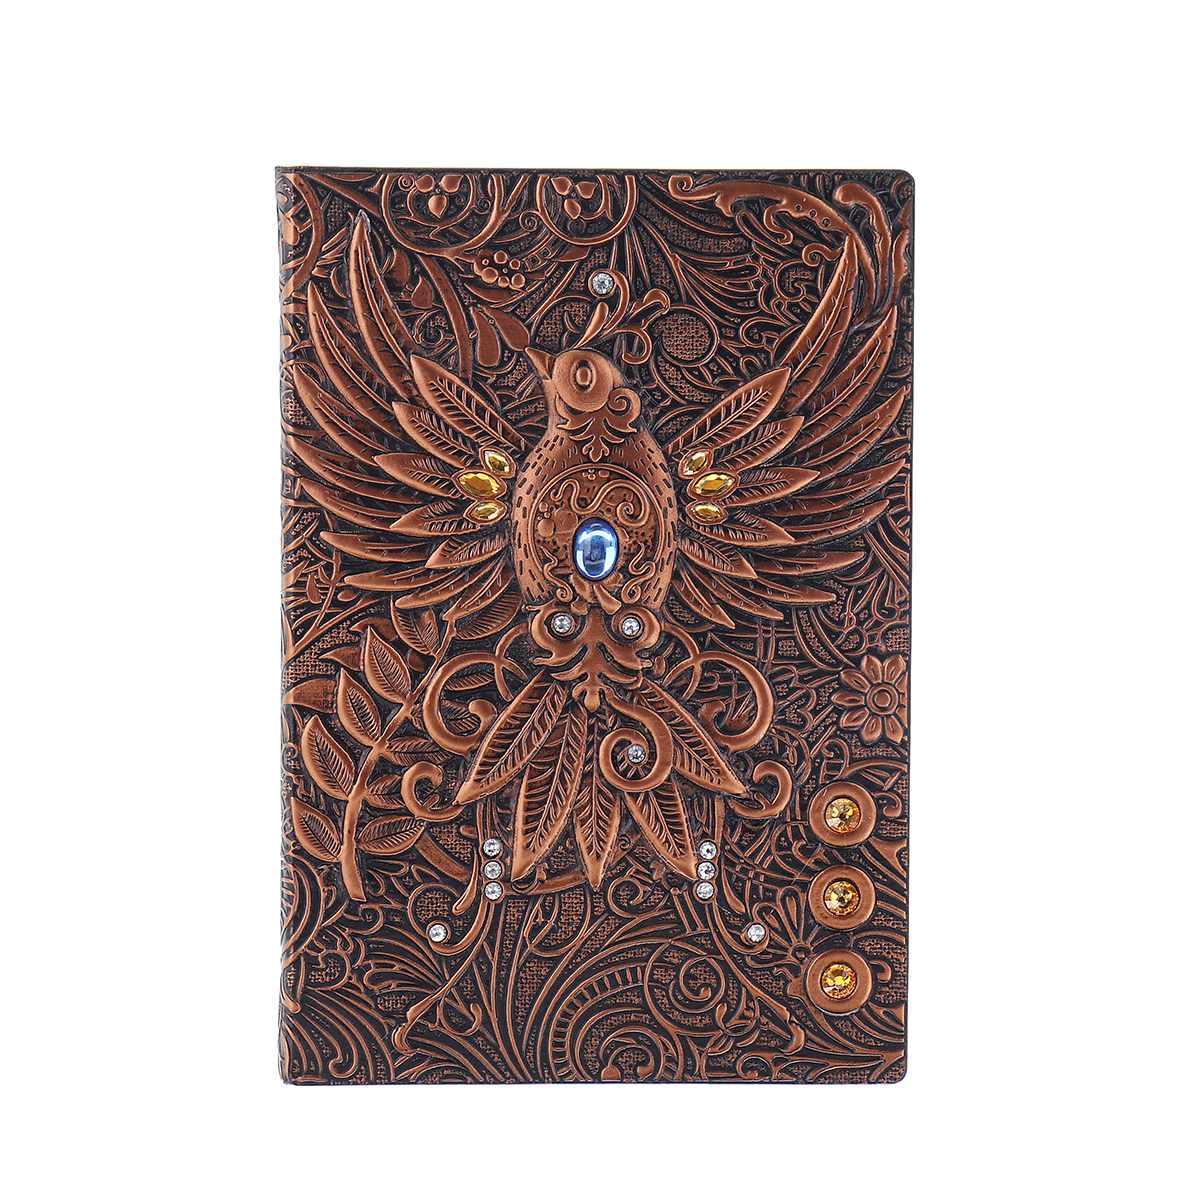 Caderno 3d impressão do vintage em relevo phoenix diário de viagem caderno diário couro presente livro bíblico artesanato